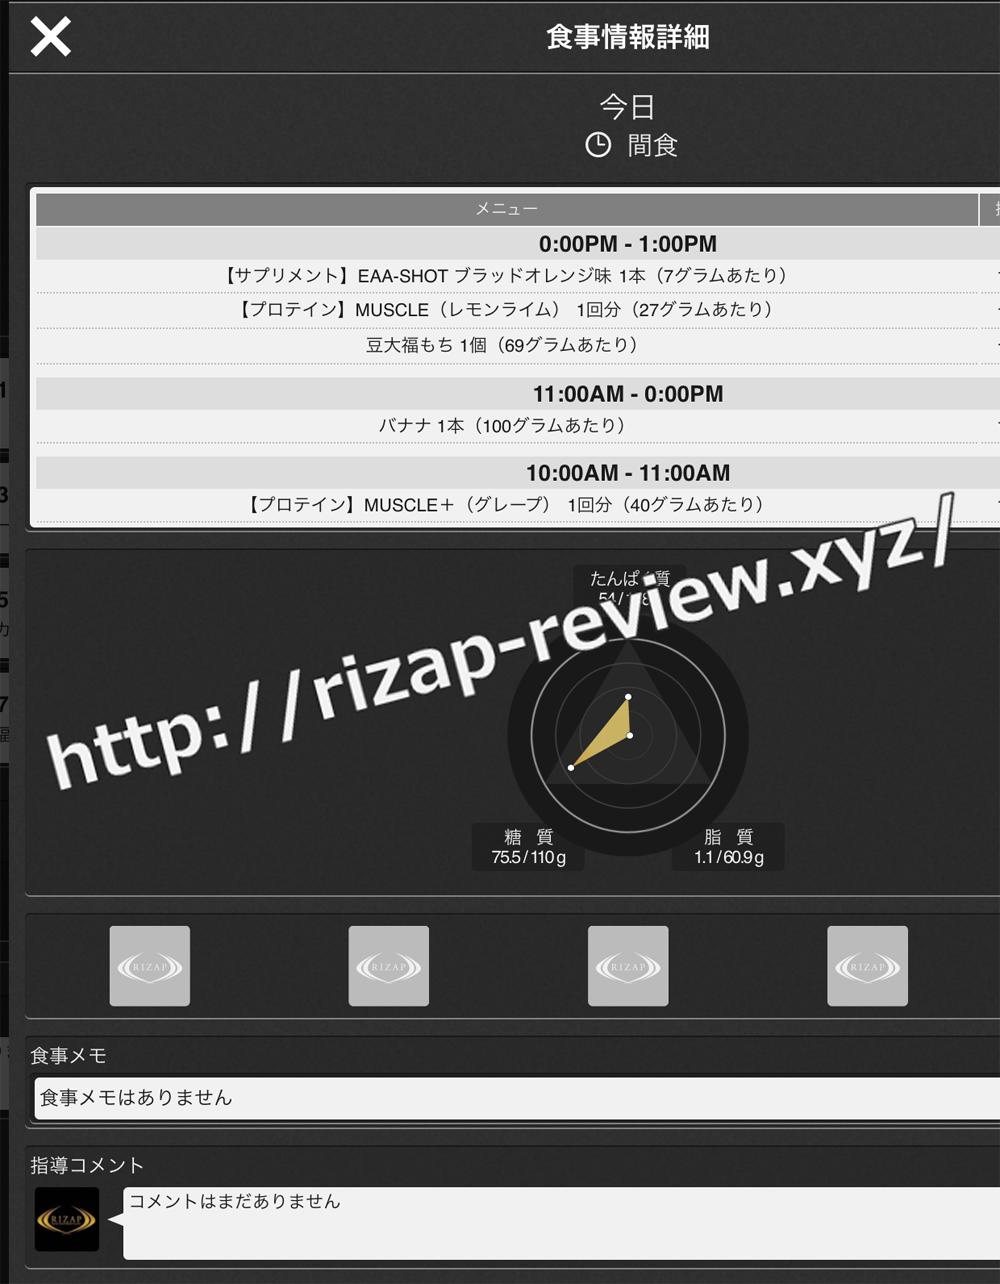 2018.12.18(火)ライザップ流の間食